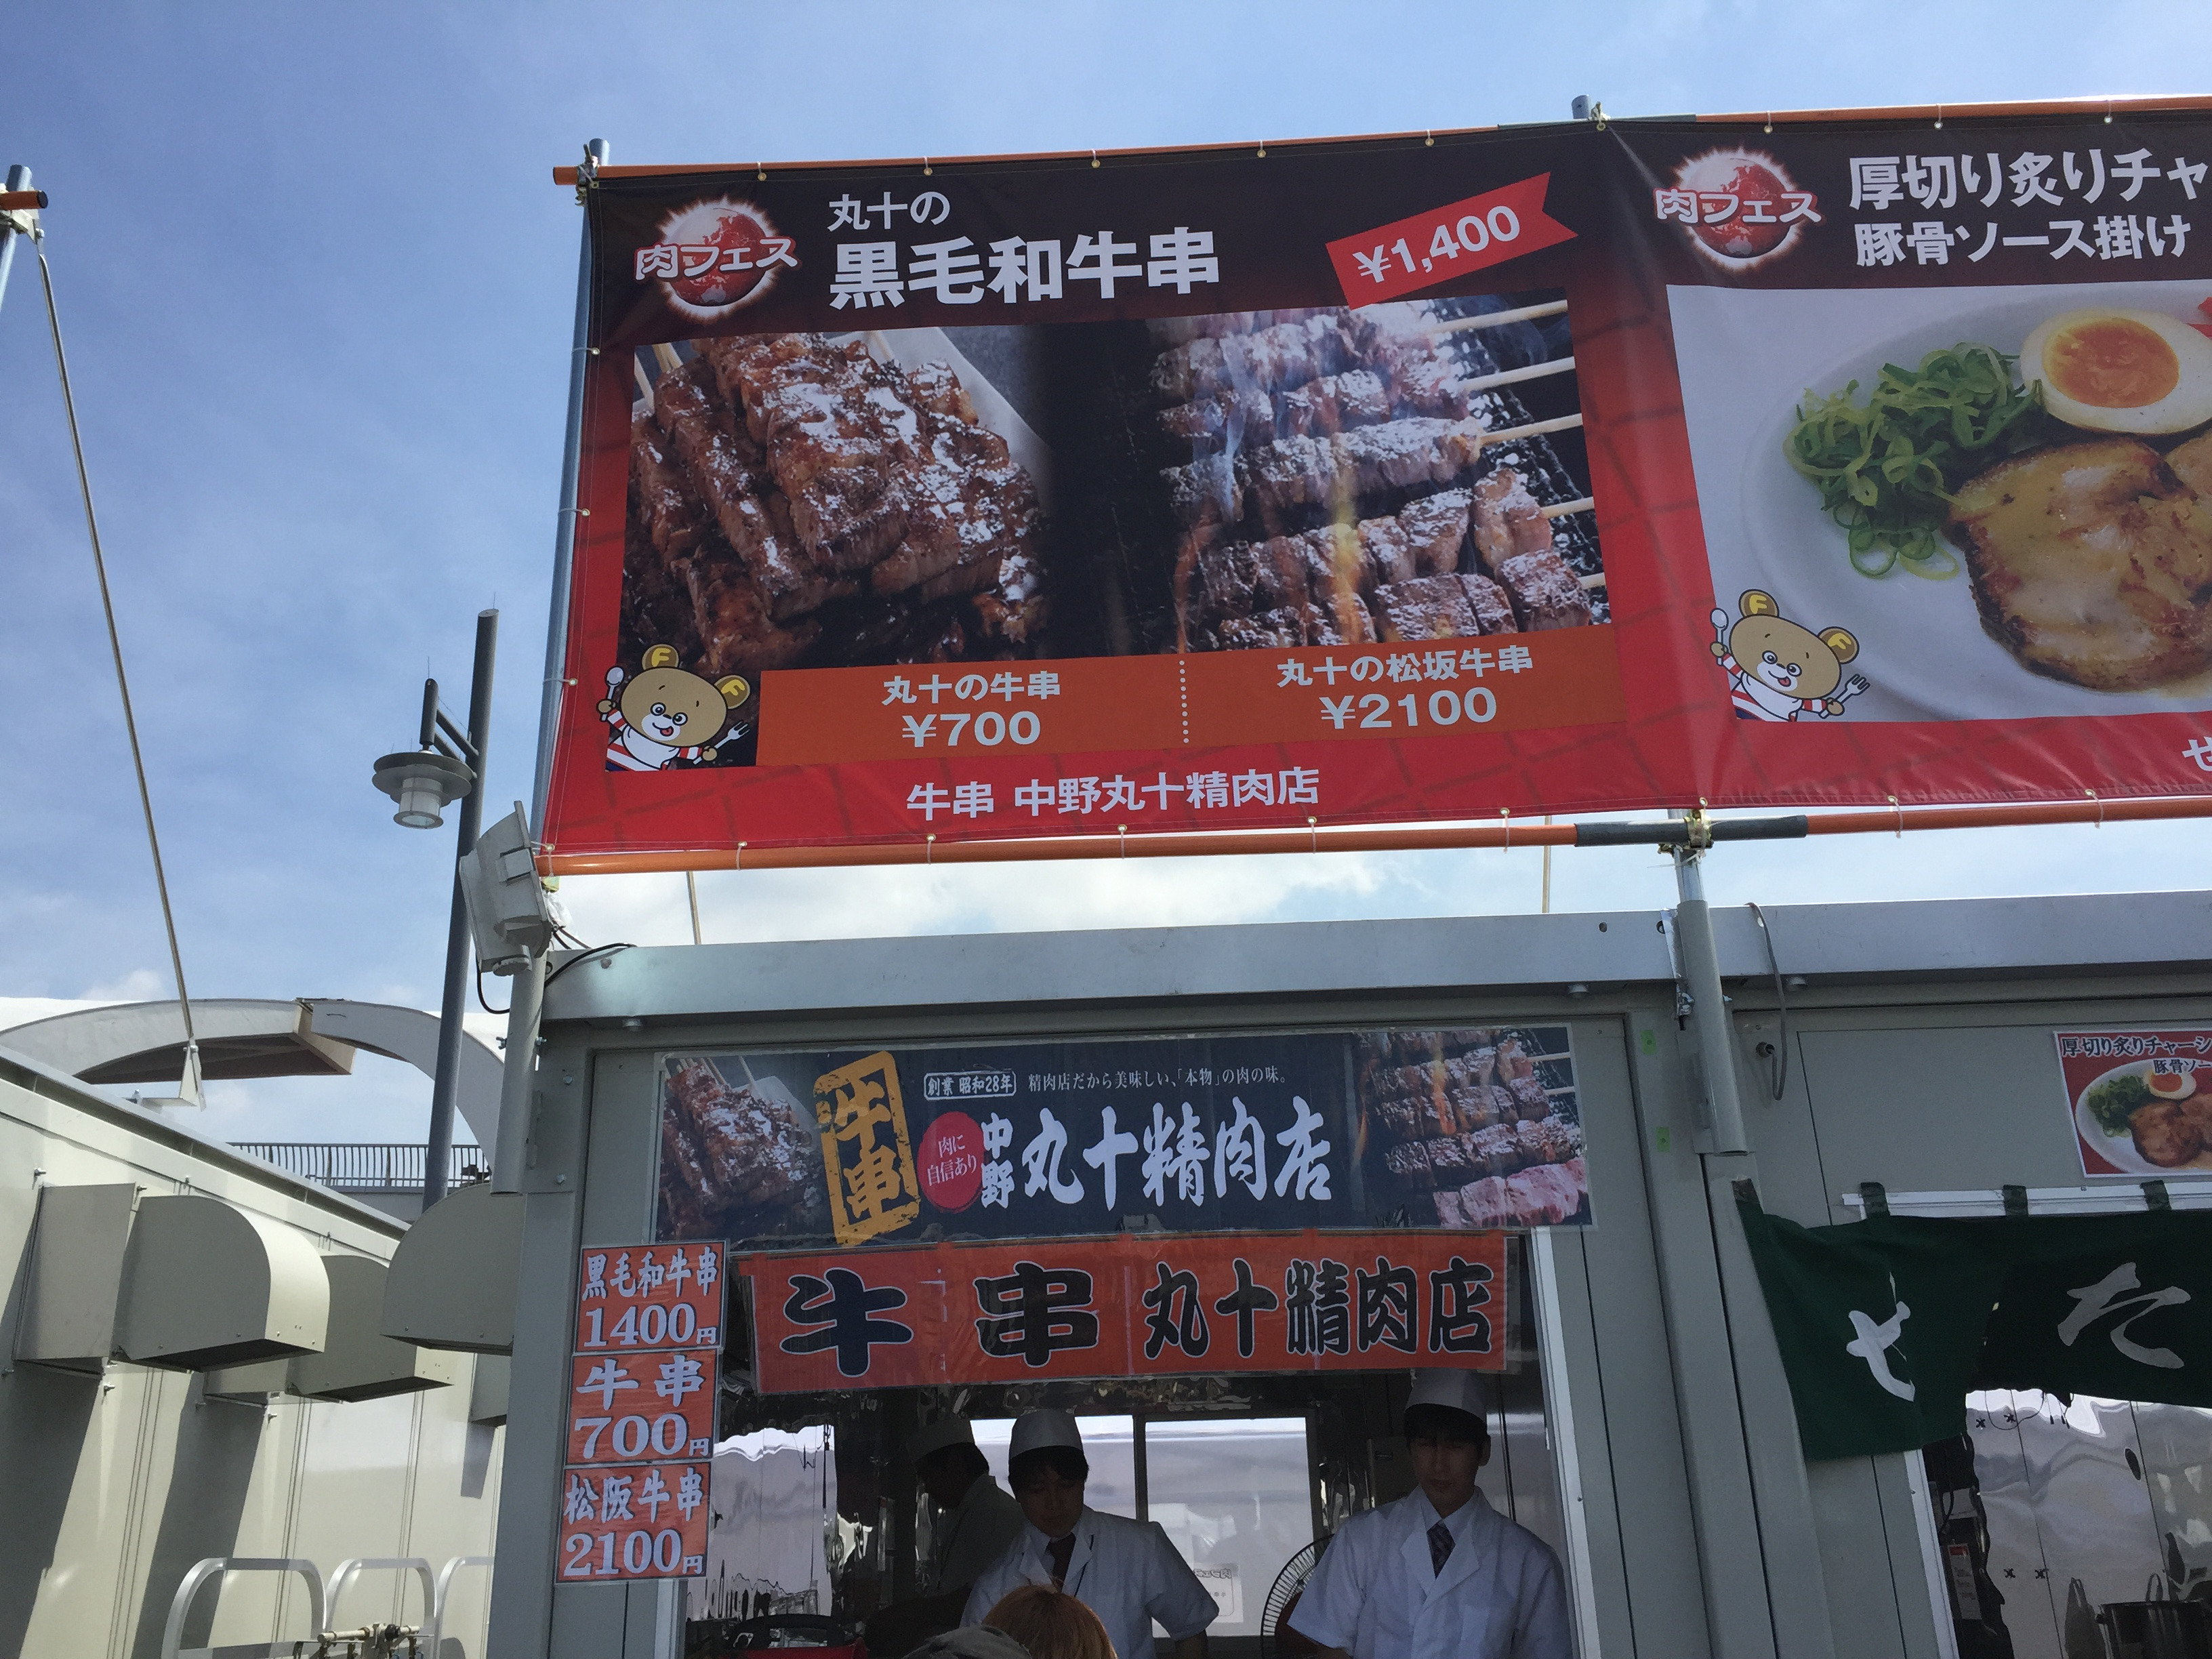 駒沢オリンピック公園の2015肉フェスに行ってきました